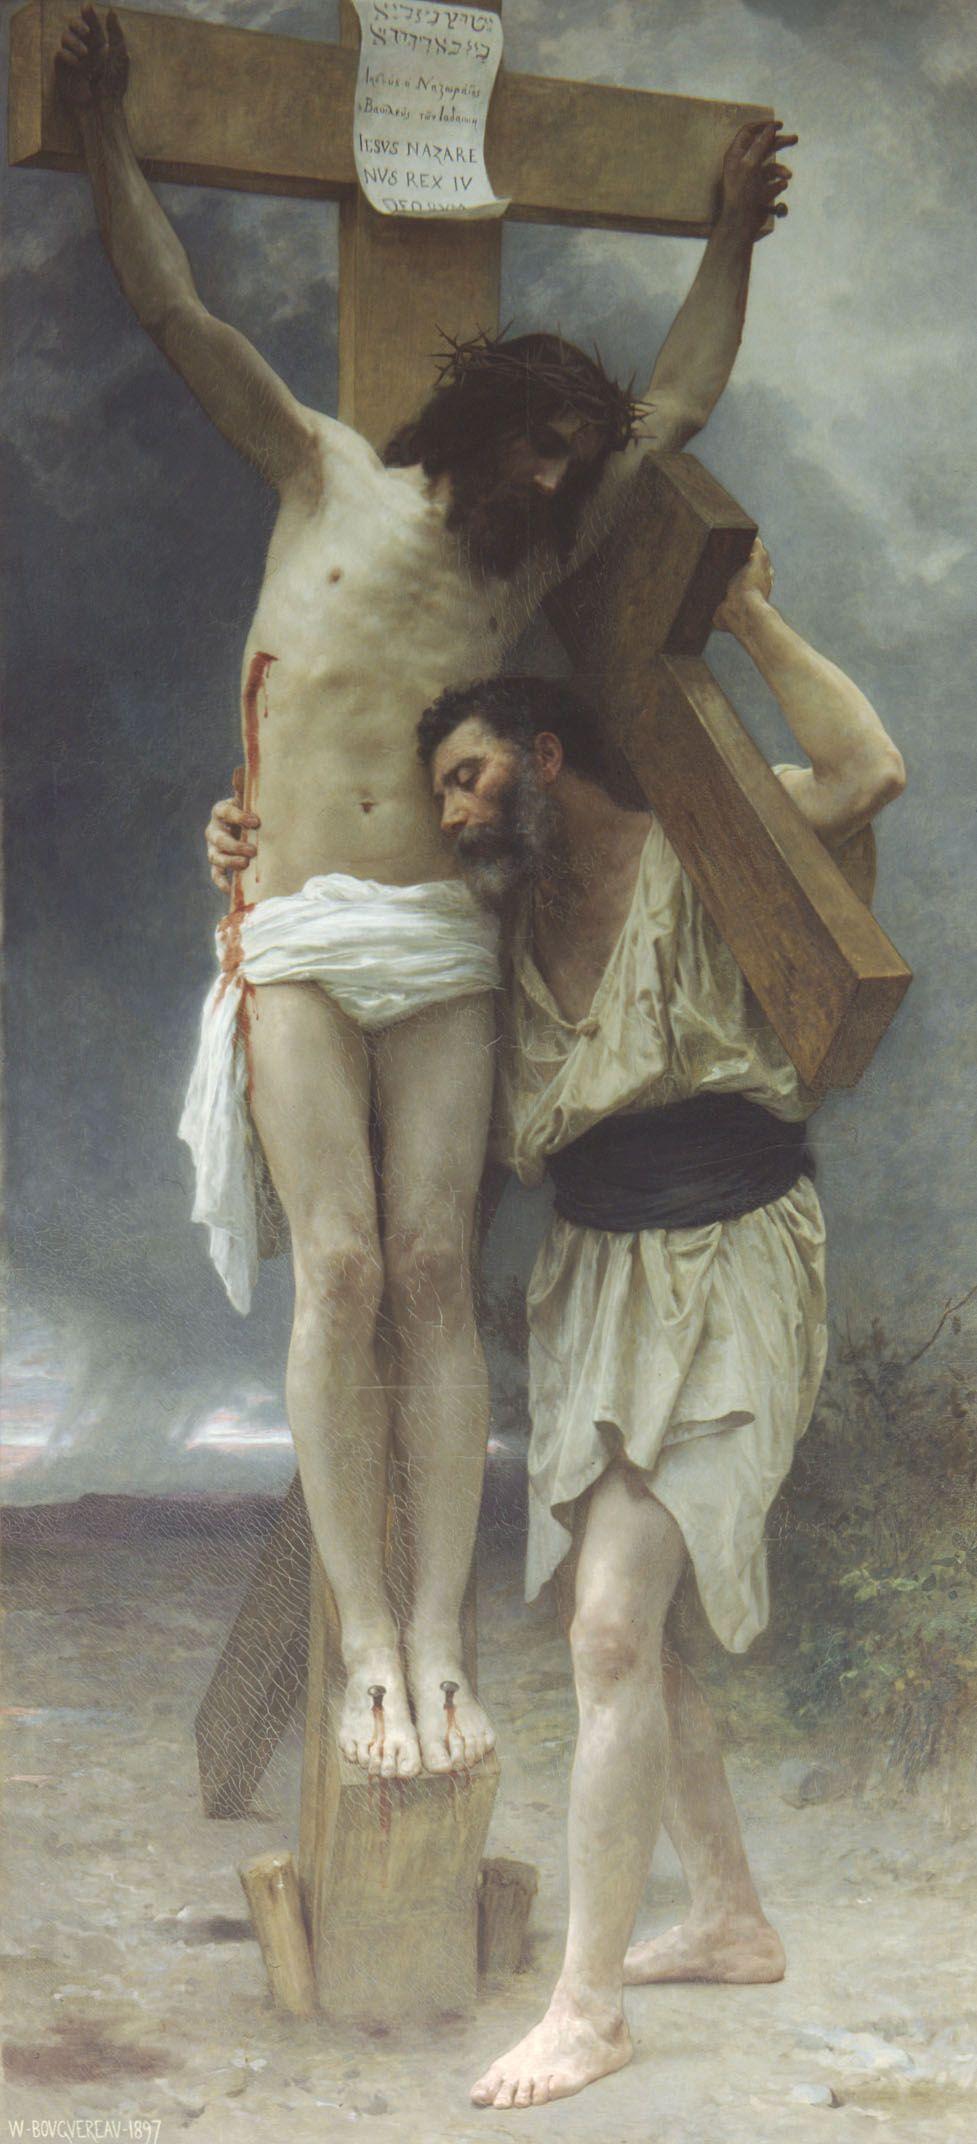 1897, Compasión de William Adolphe Bouguereau